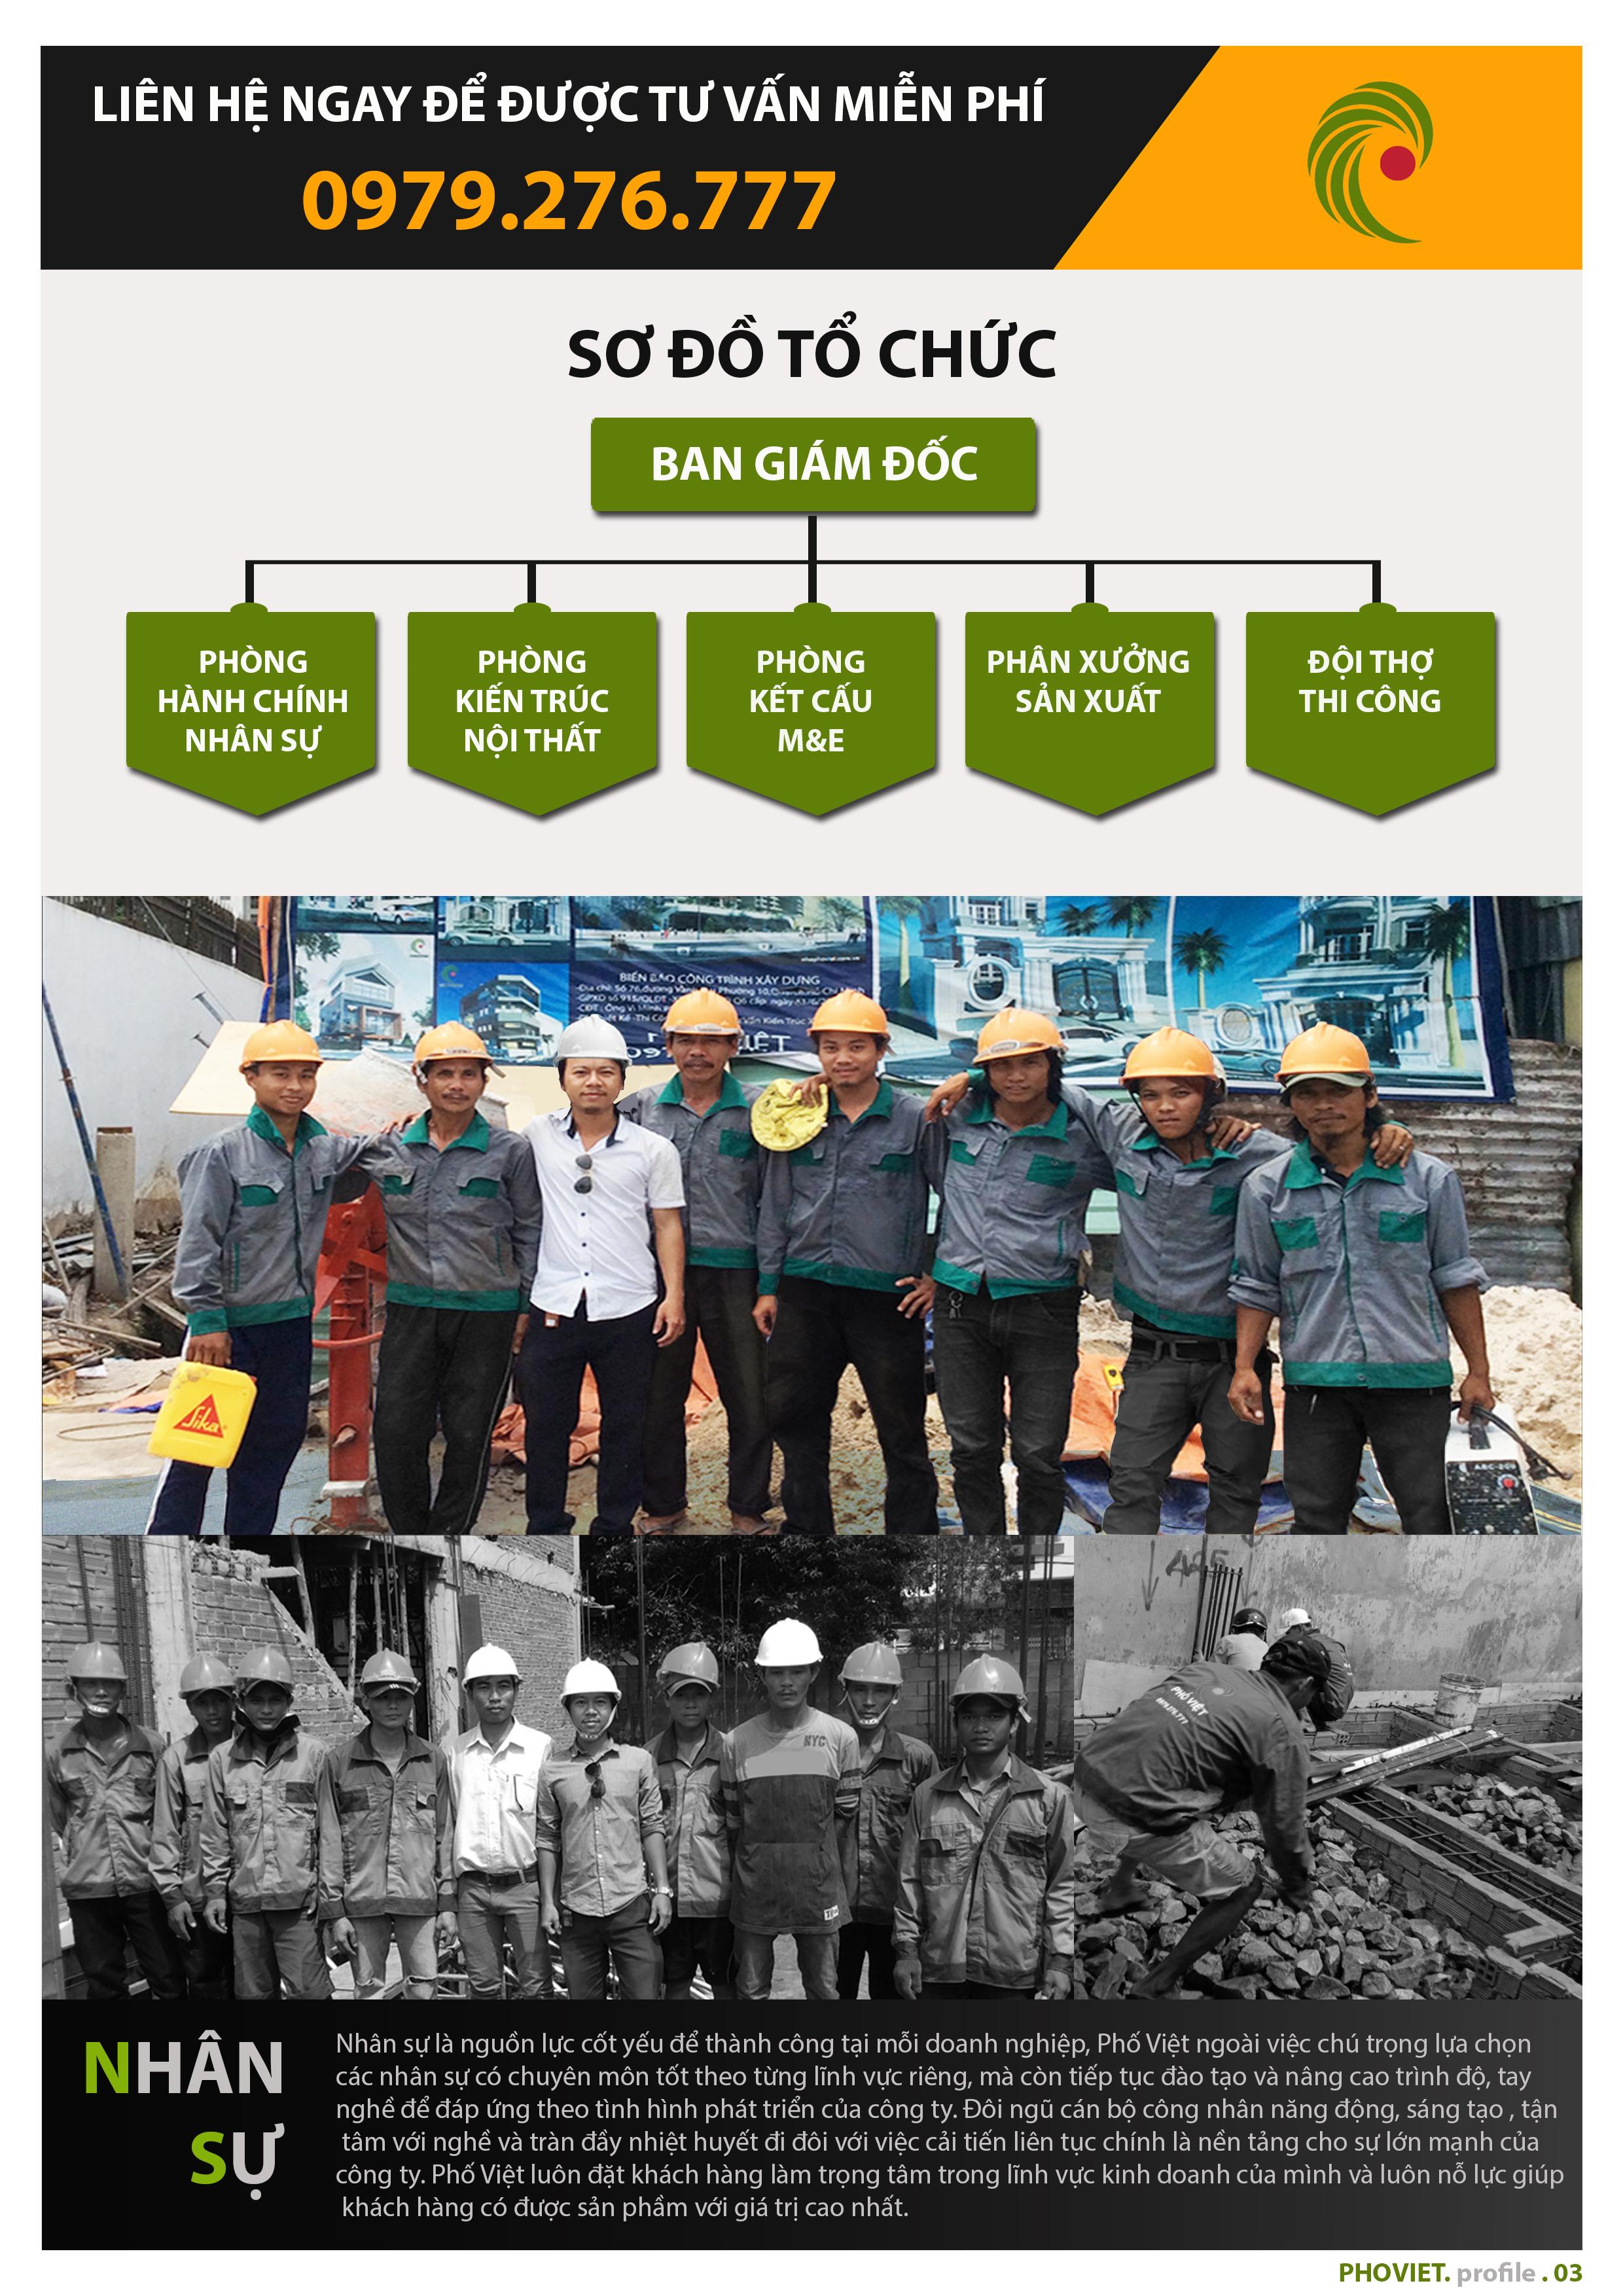 Luôn chú trọng nguồn nhân lực là yếu tố giúp Phố Việt trở thành công ty xây dựng uy tín tại TPHCM